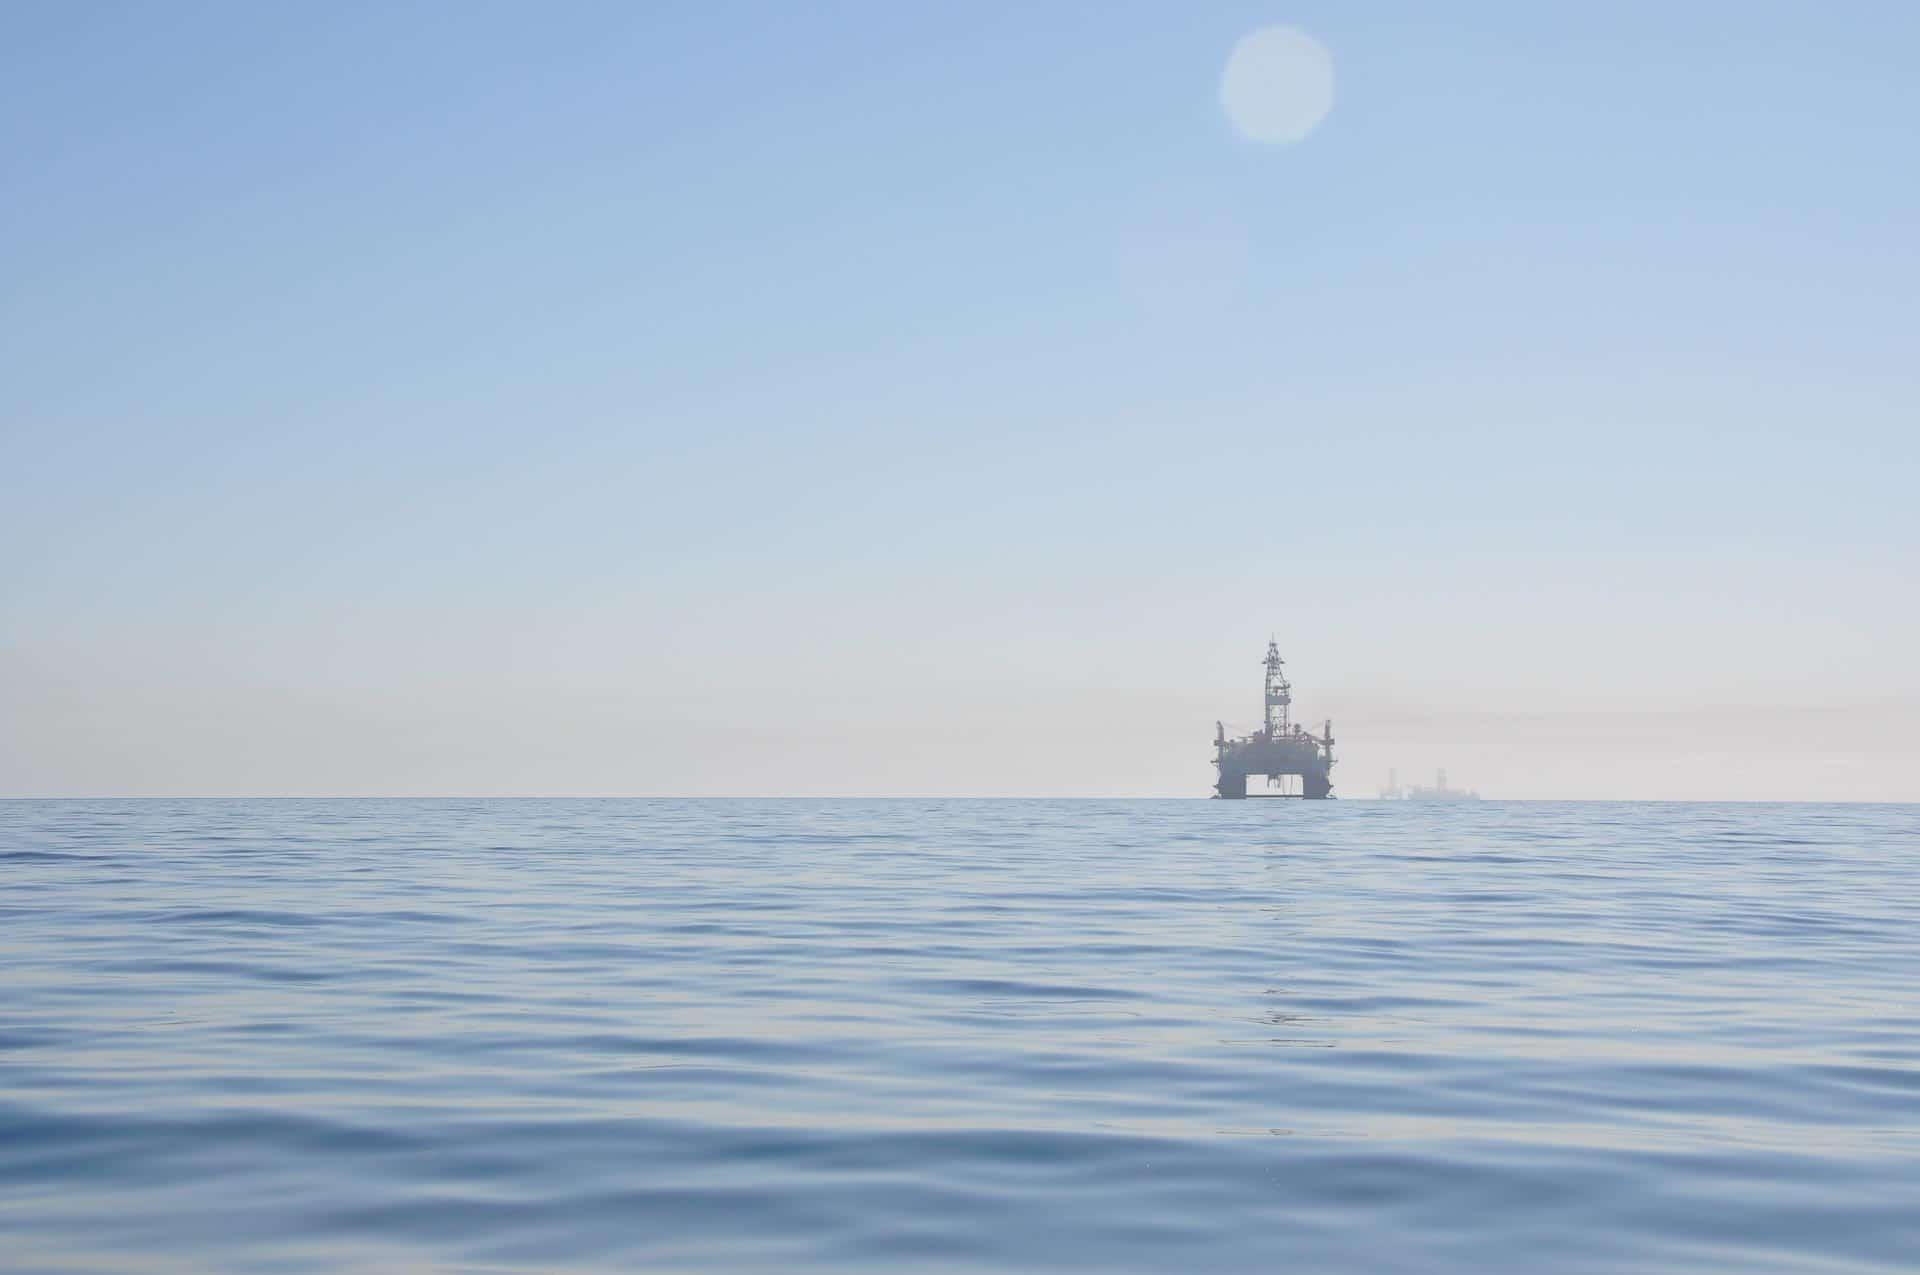 Swakopmund-Catamaran-Walfish-Bay-Namibia-Globetrotter-Select-10